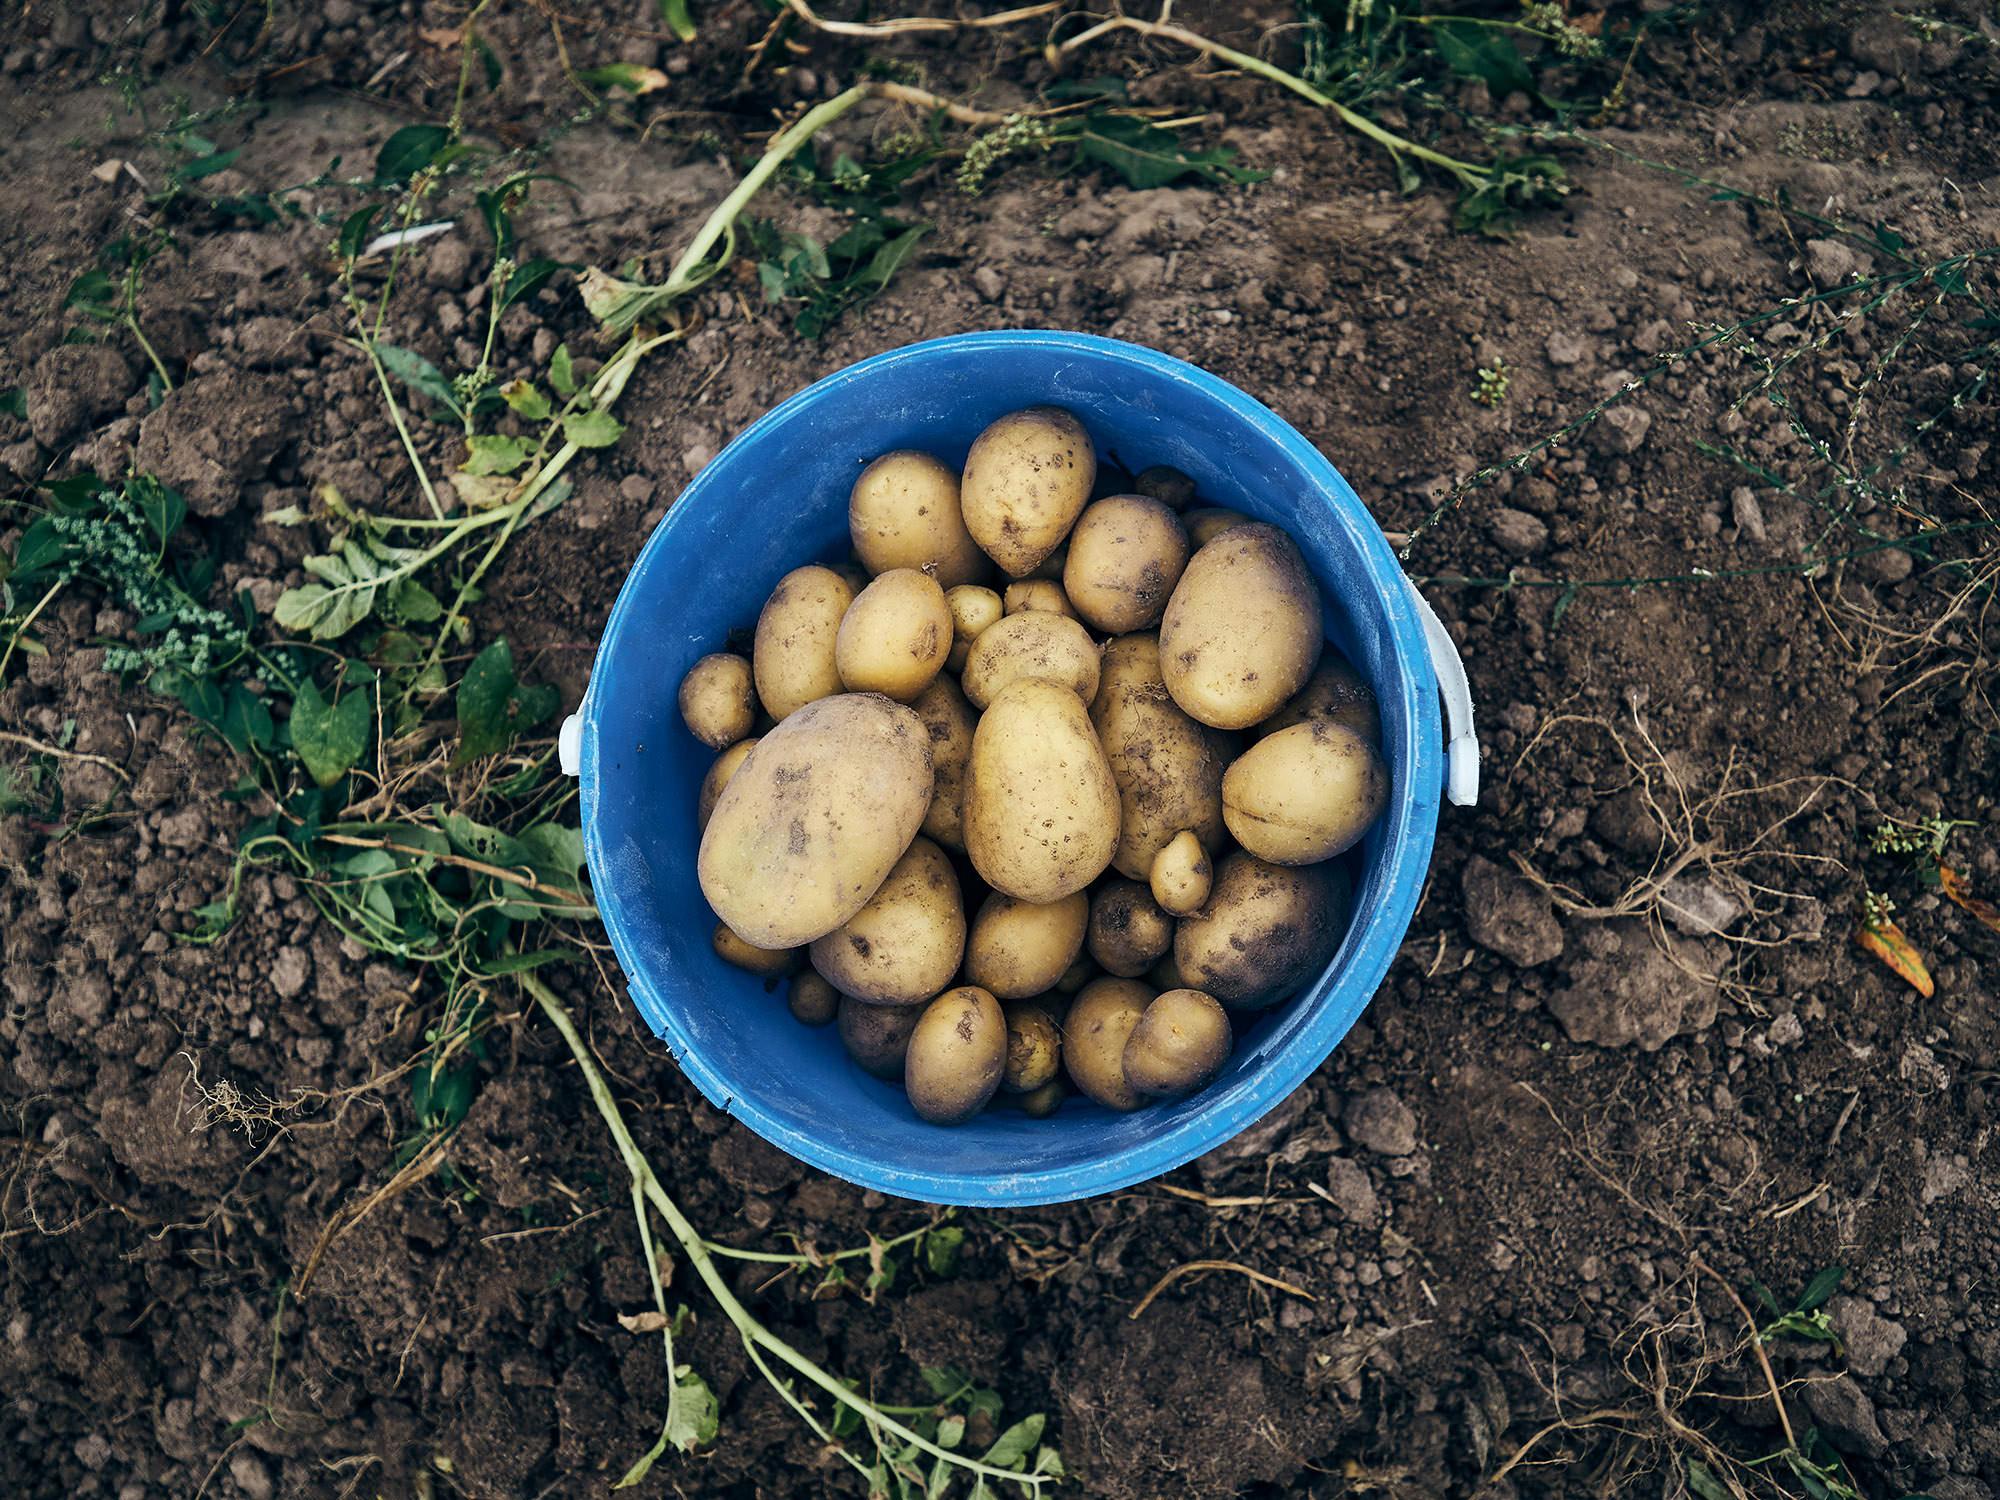 Kartoffelanbau in solidarischer Landwirtschaft – Bioland-Bauernhof Fetz